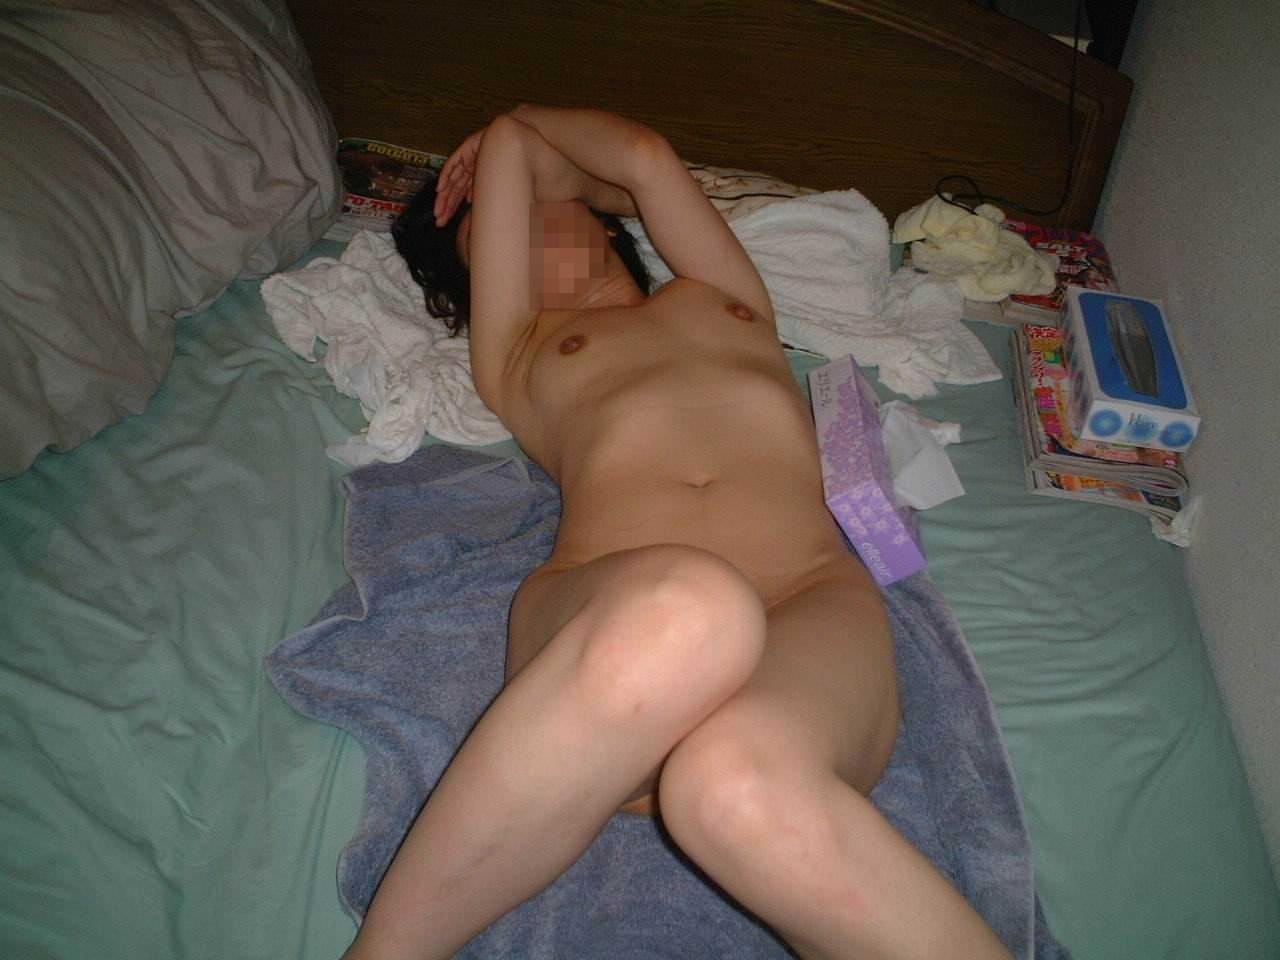 セックスに疲れた彼女がベッドに横たわる姿をネットに流出させたエロ画像 1480